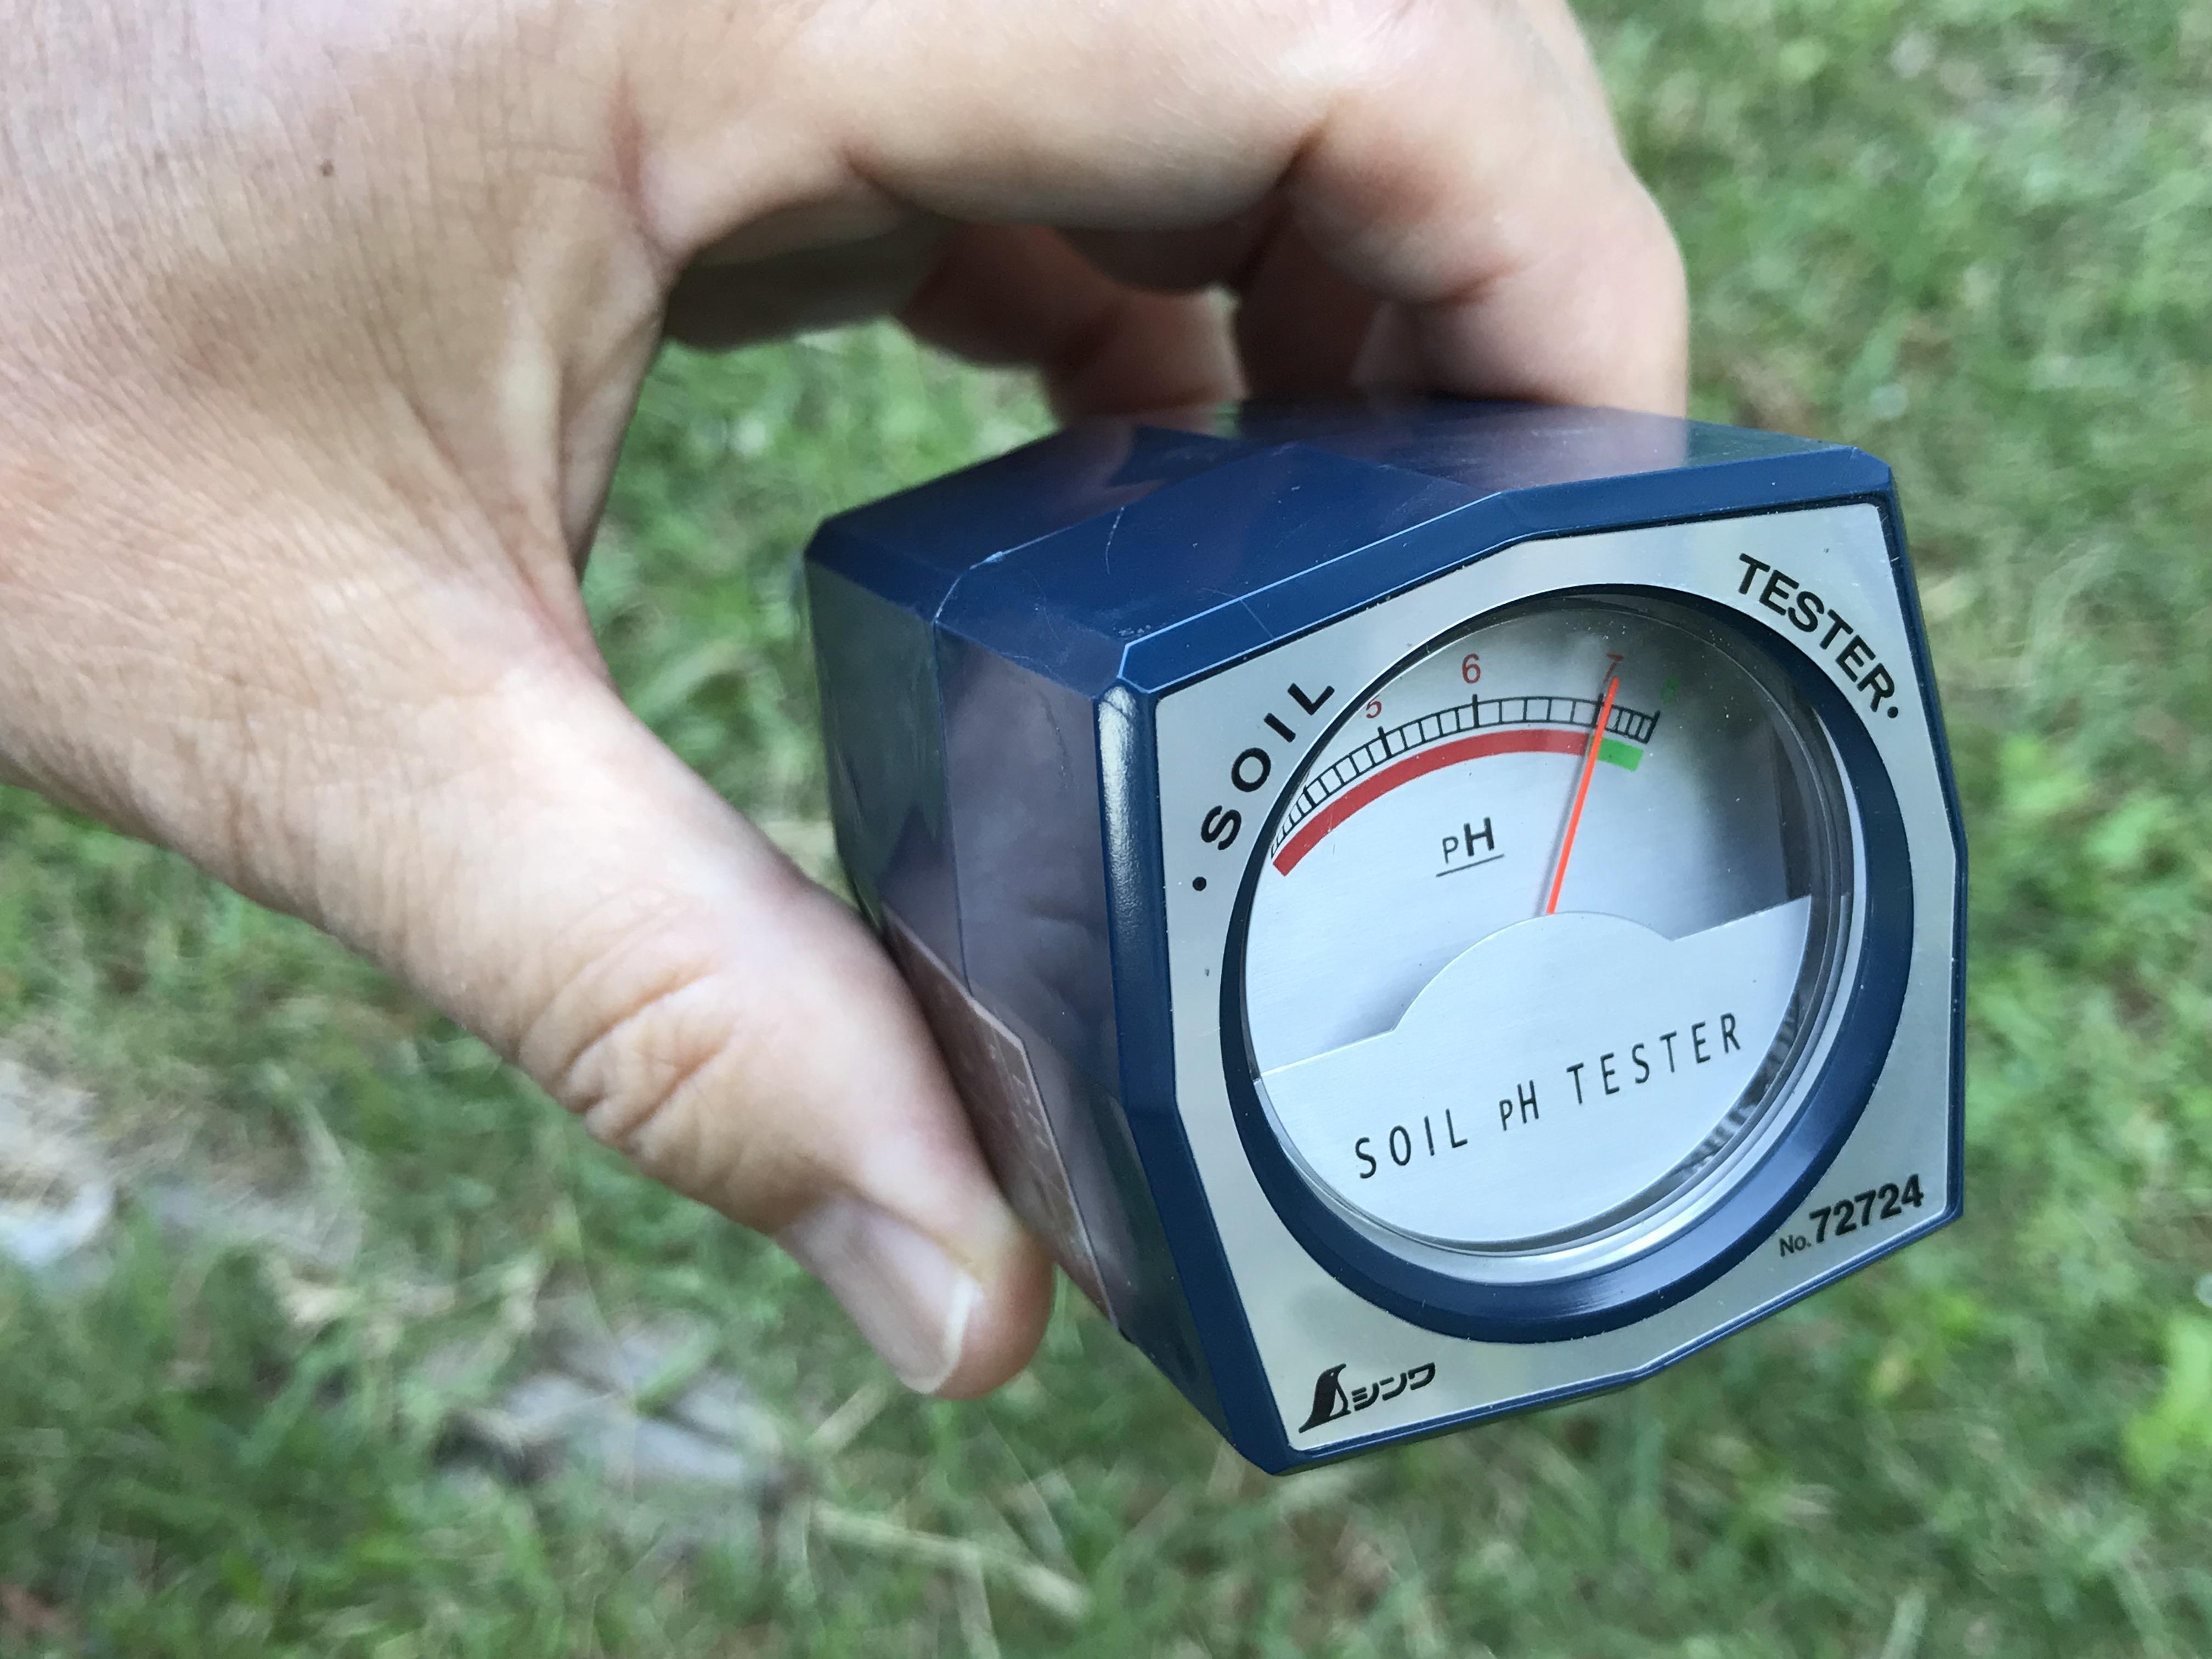 土壌のpHを測定してみた 〜シンワの土壌酸度計を購入して〜